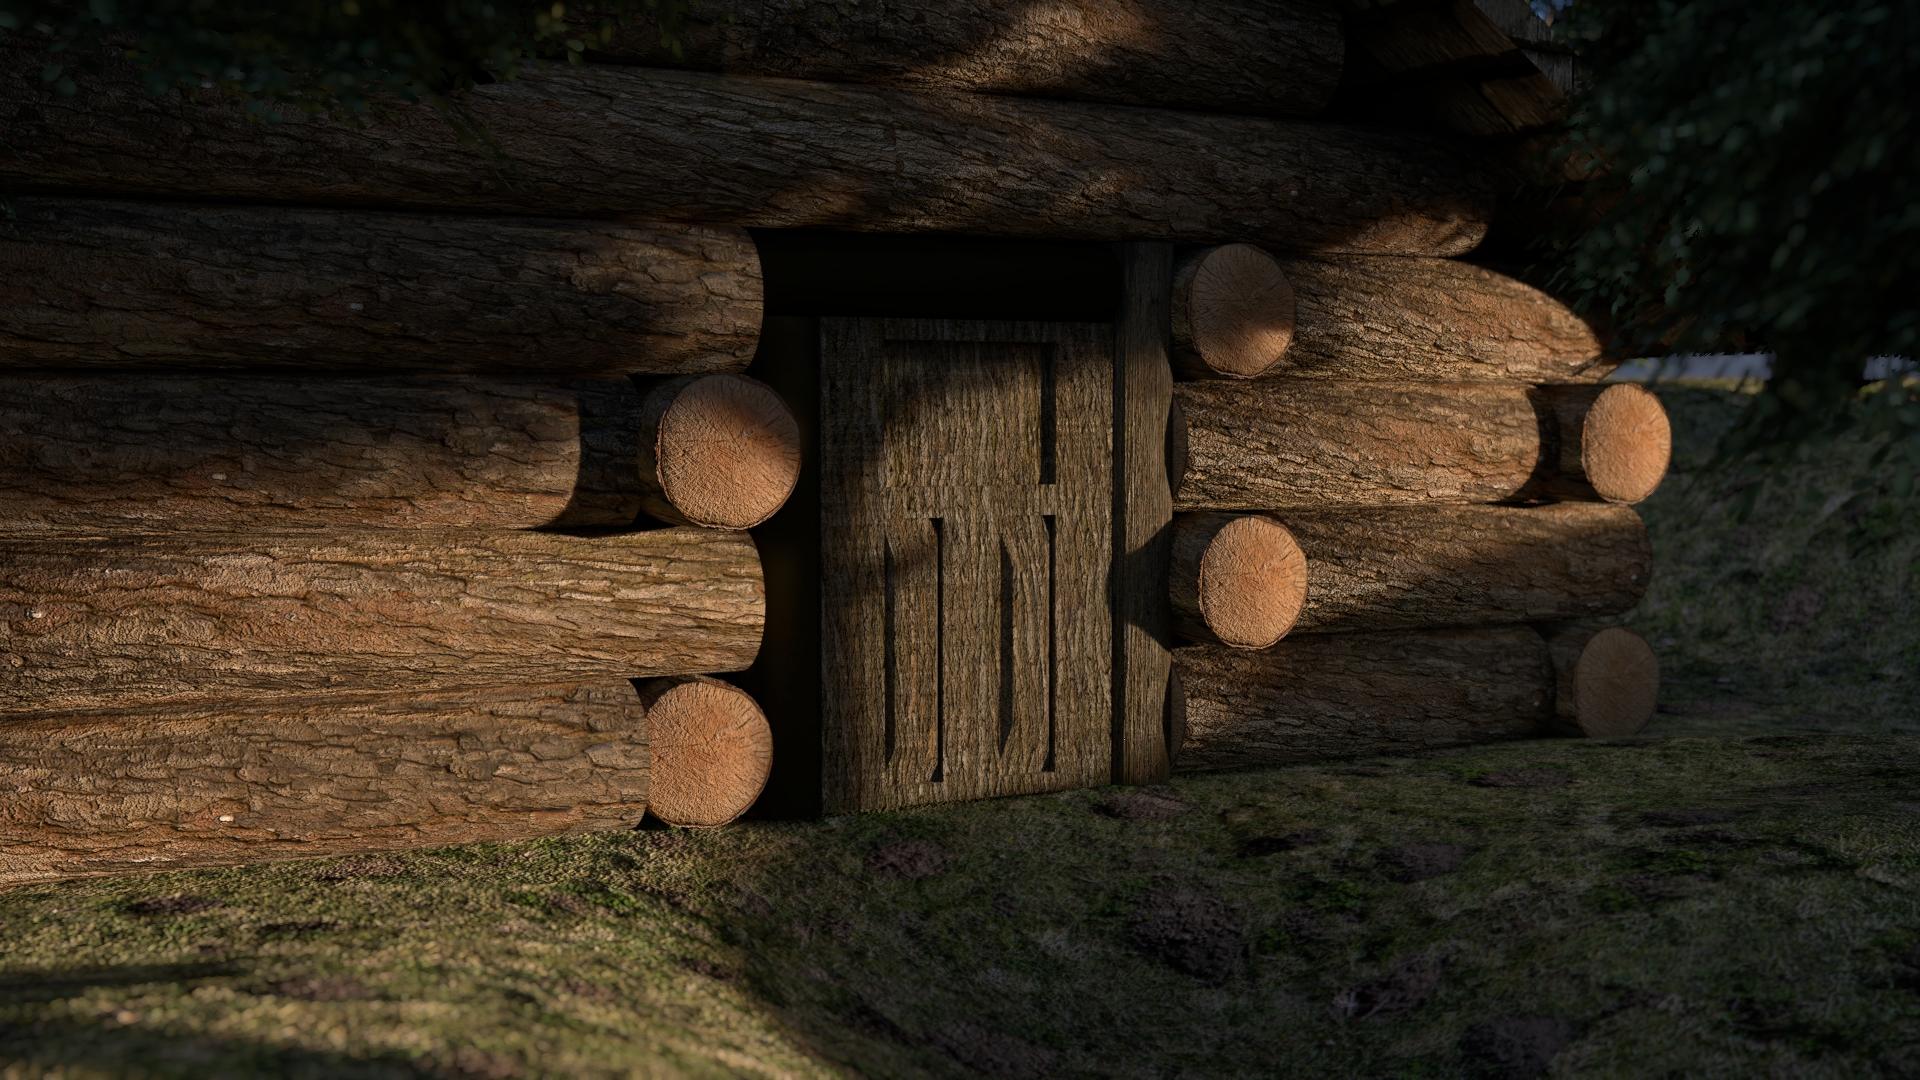 Holzhaus im Wald mit Pro Lighting Skies